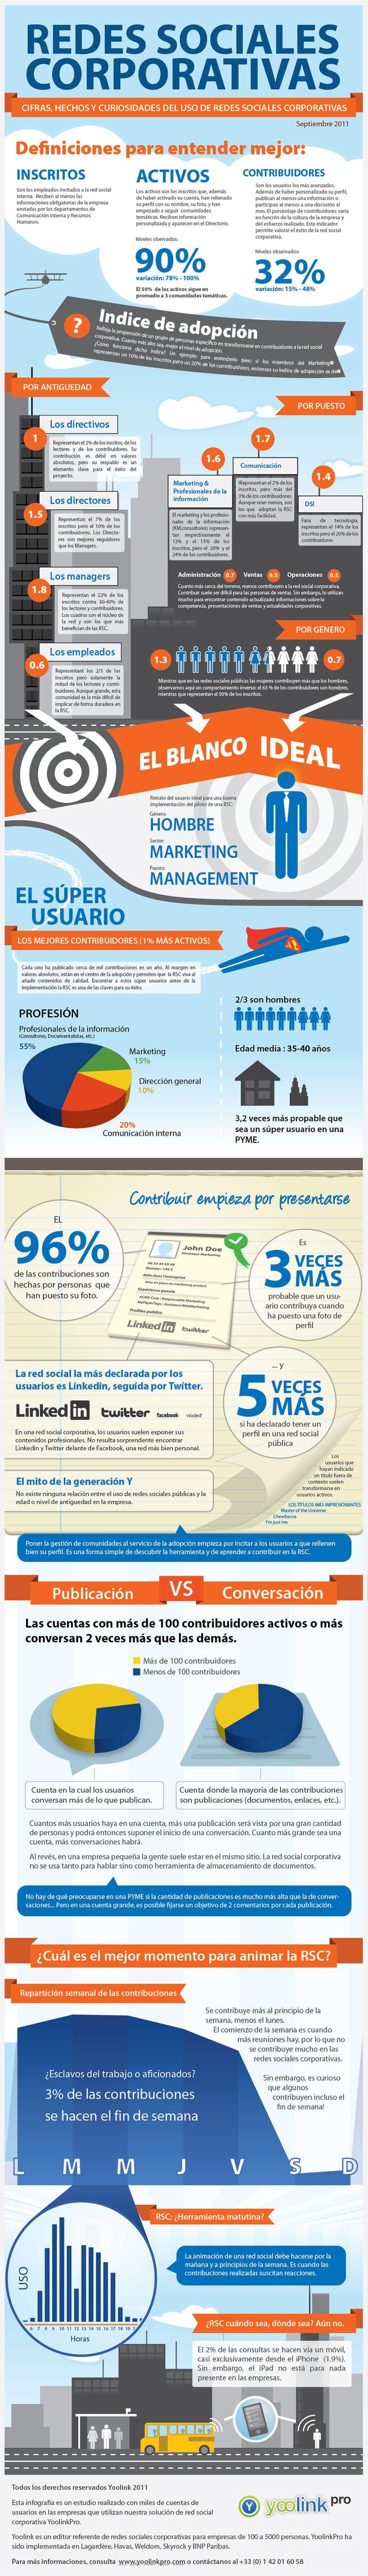 #Infografía en español que muestra las redes sociales corporativas